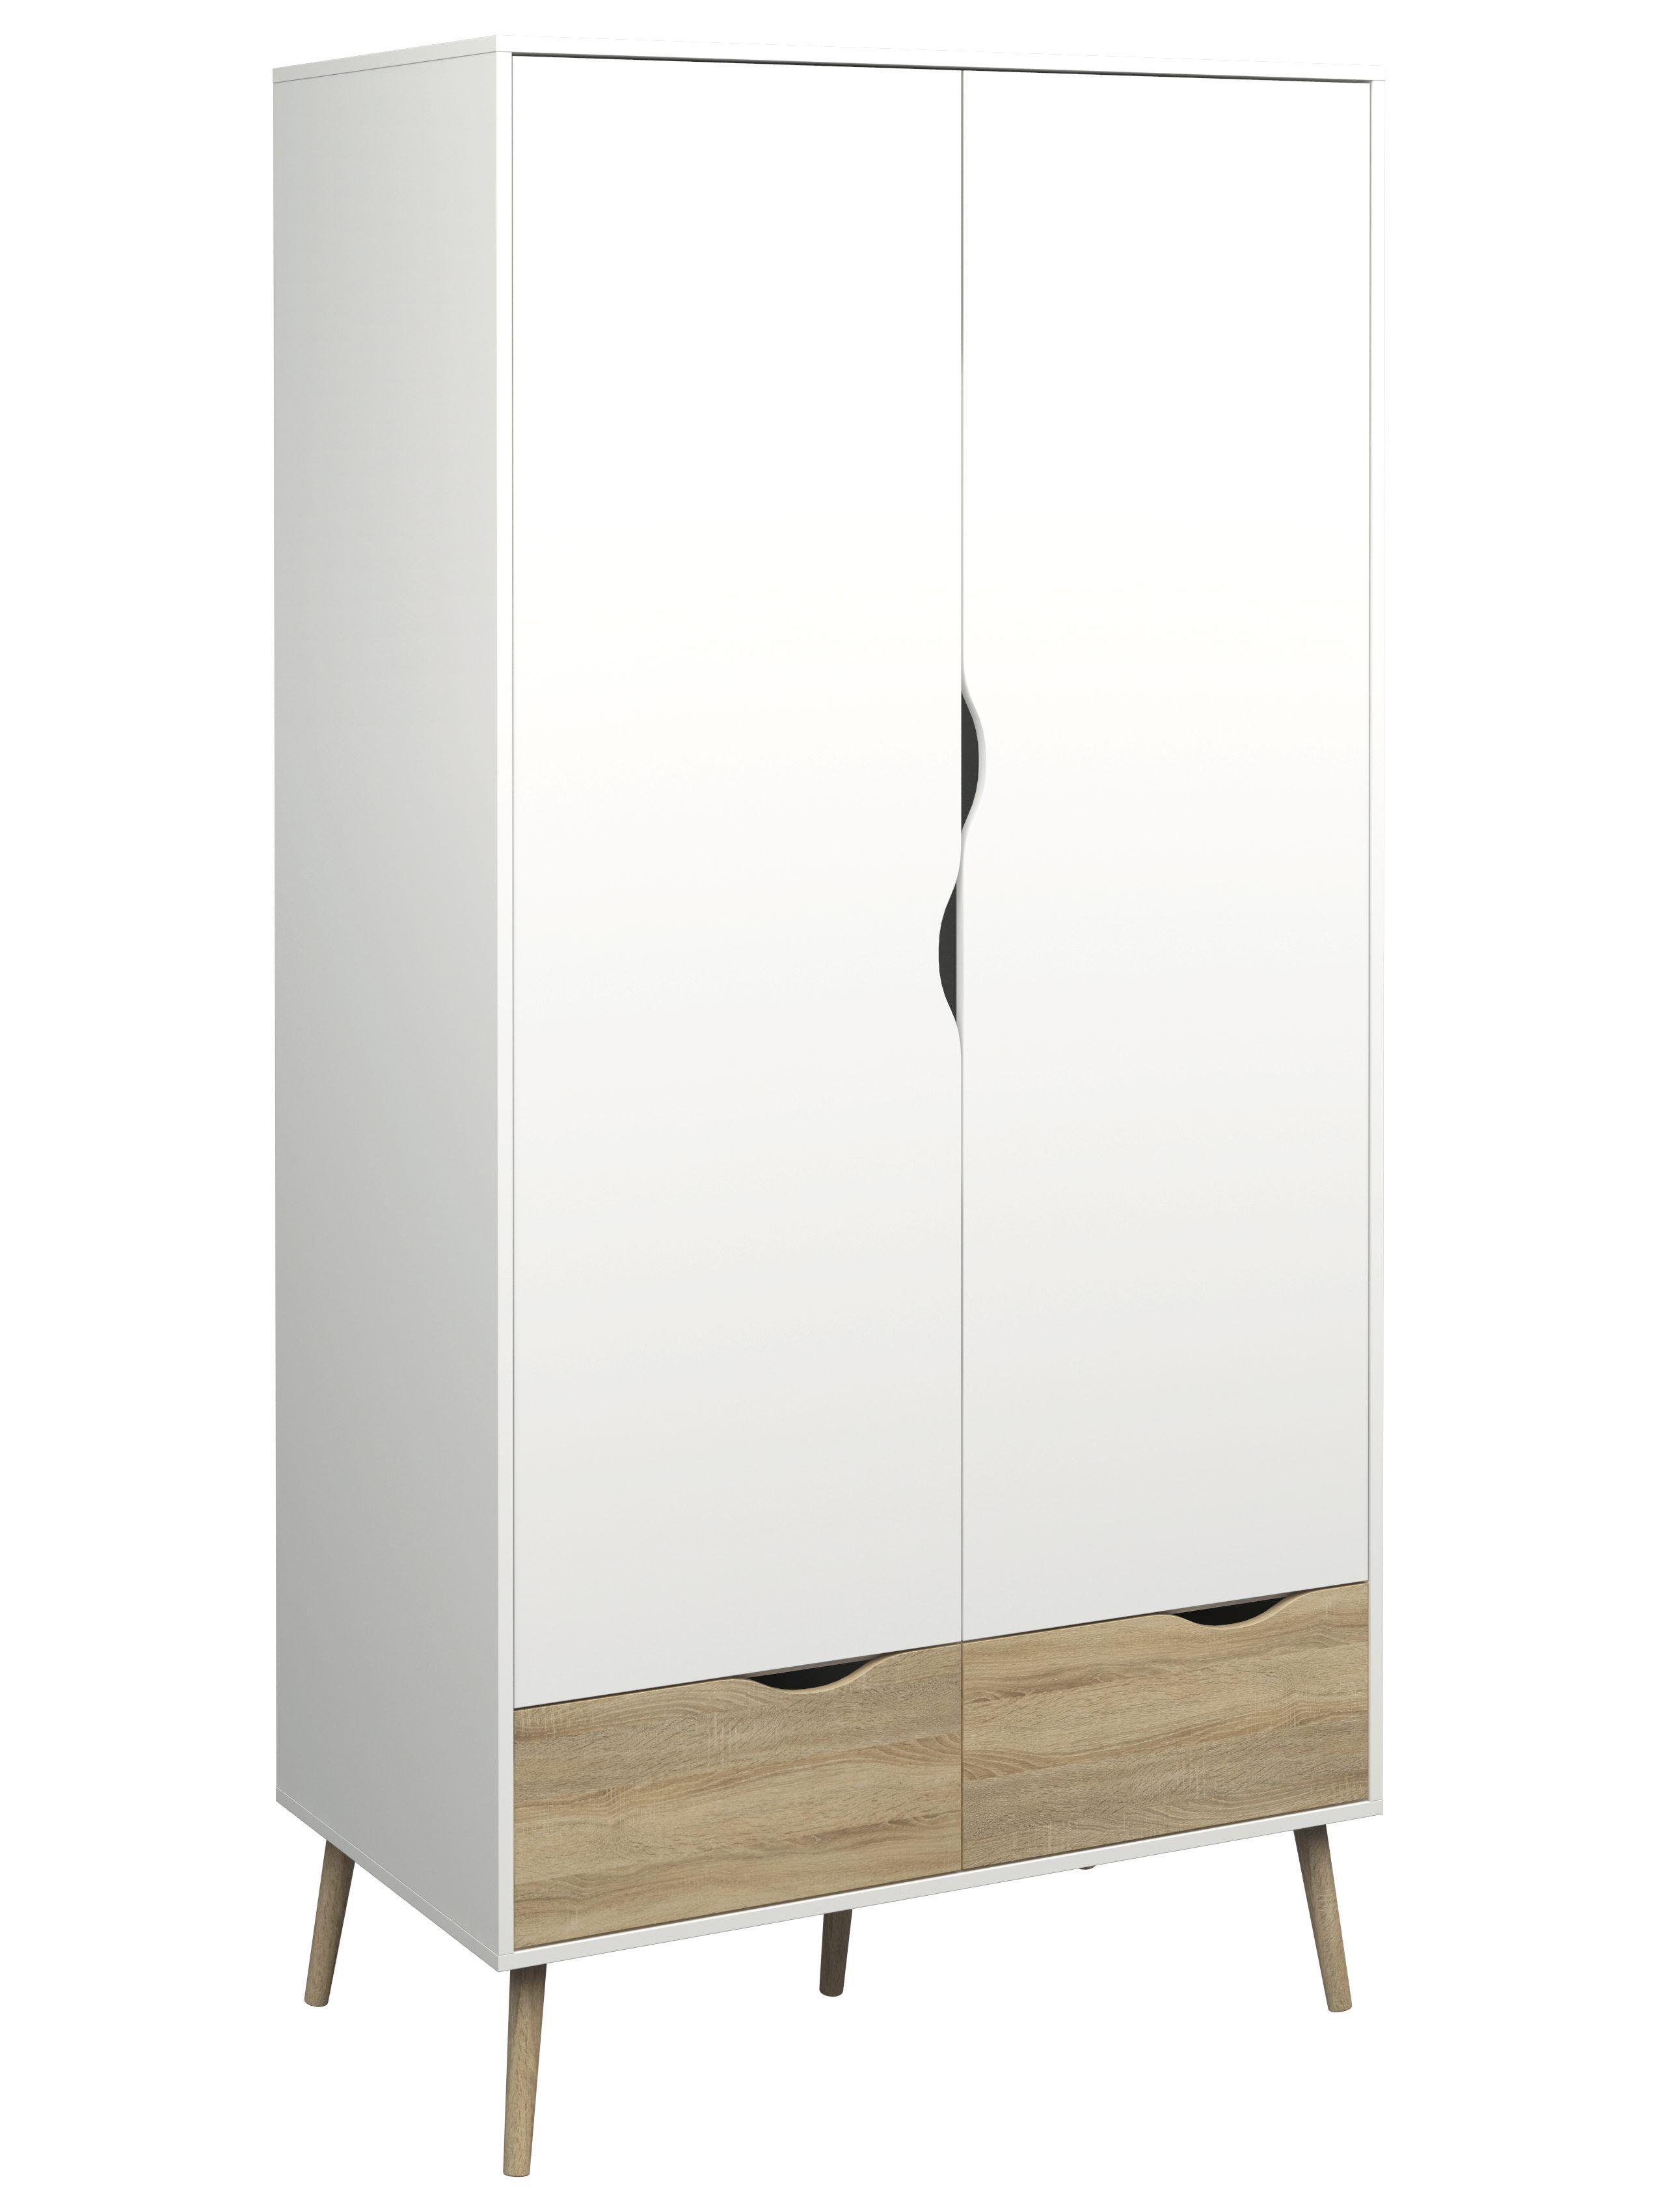 Armoire 2 Portes Et 2 Tiroirs L 99 Cm Oslo Blanc Imitation Chene Armoire Armoire Chambre Armoire 2 Portes